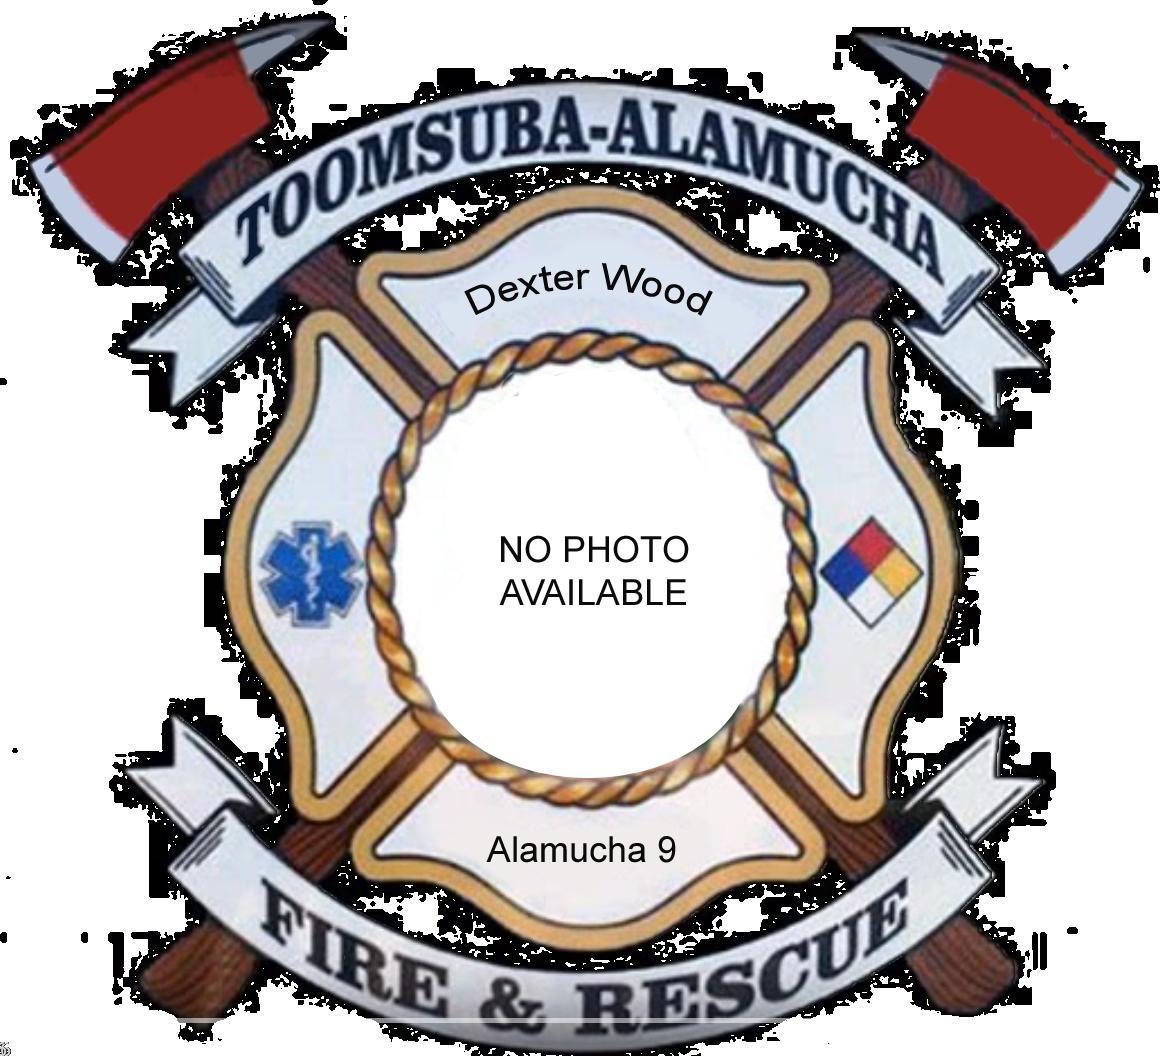 Dexter Wood; Toomsuba Firefighter #5